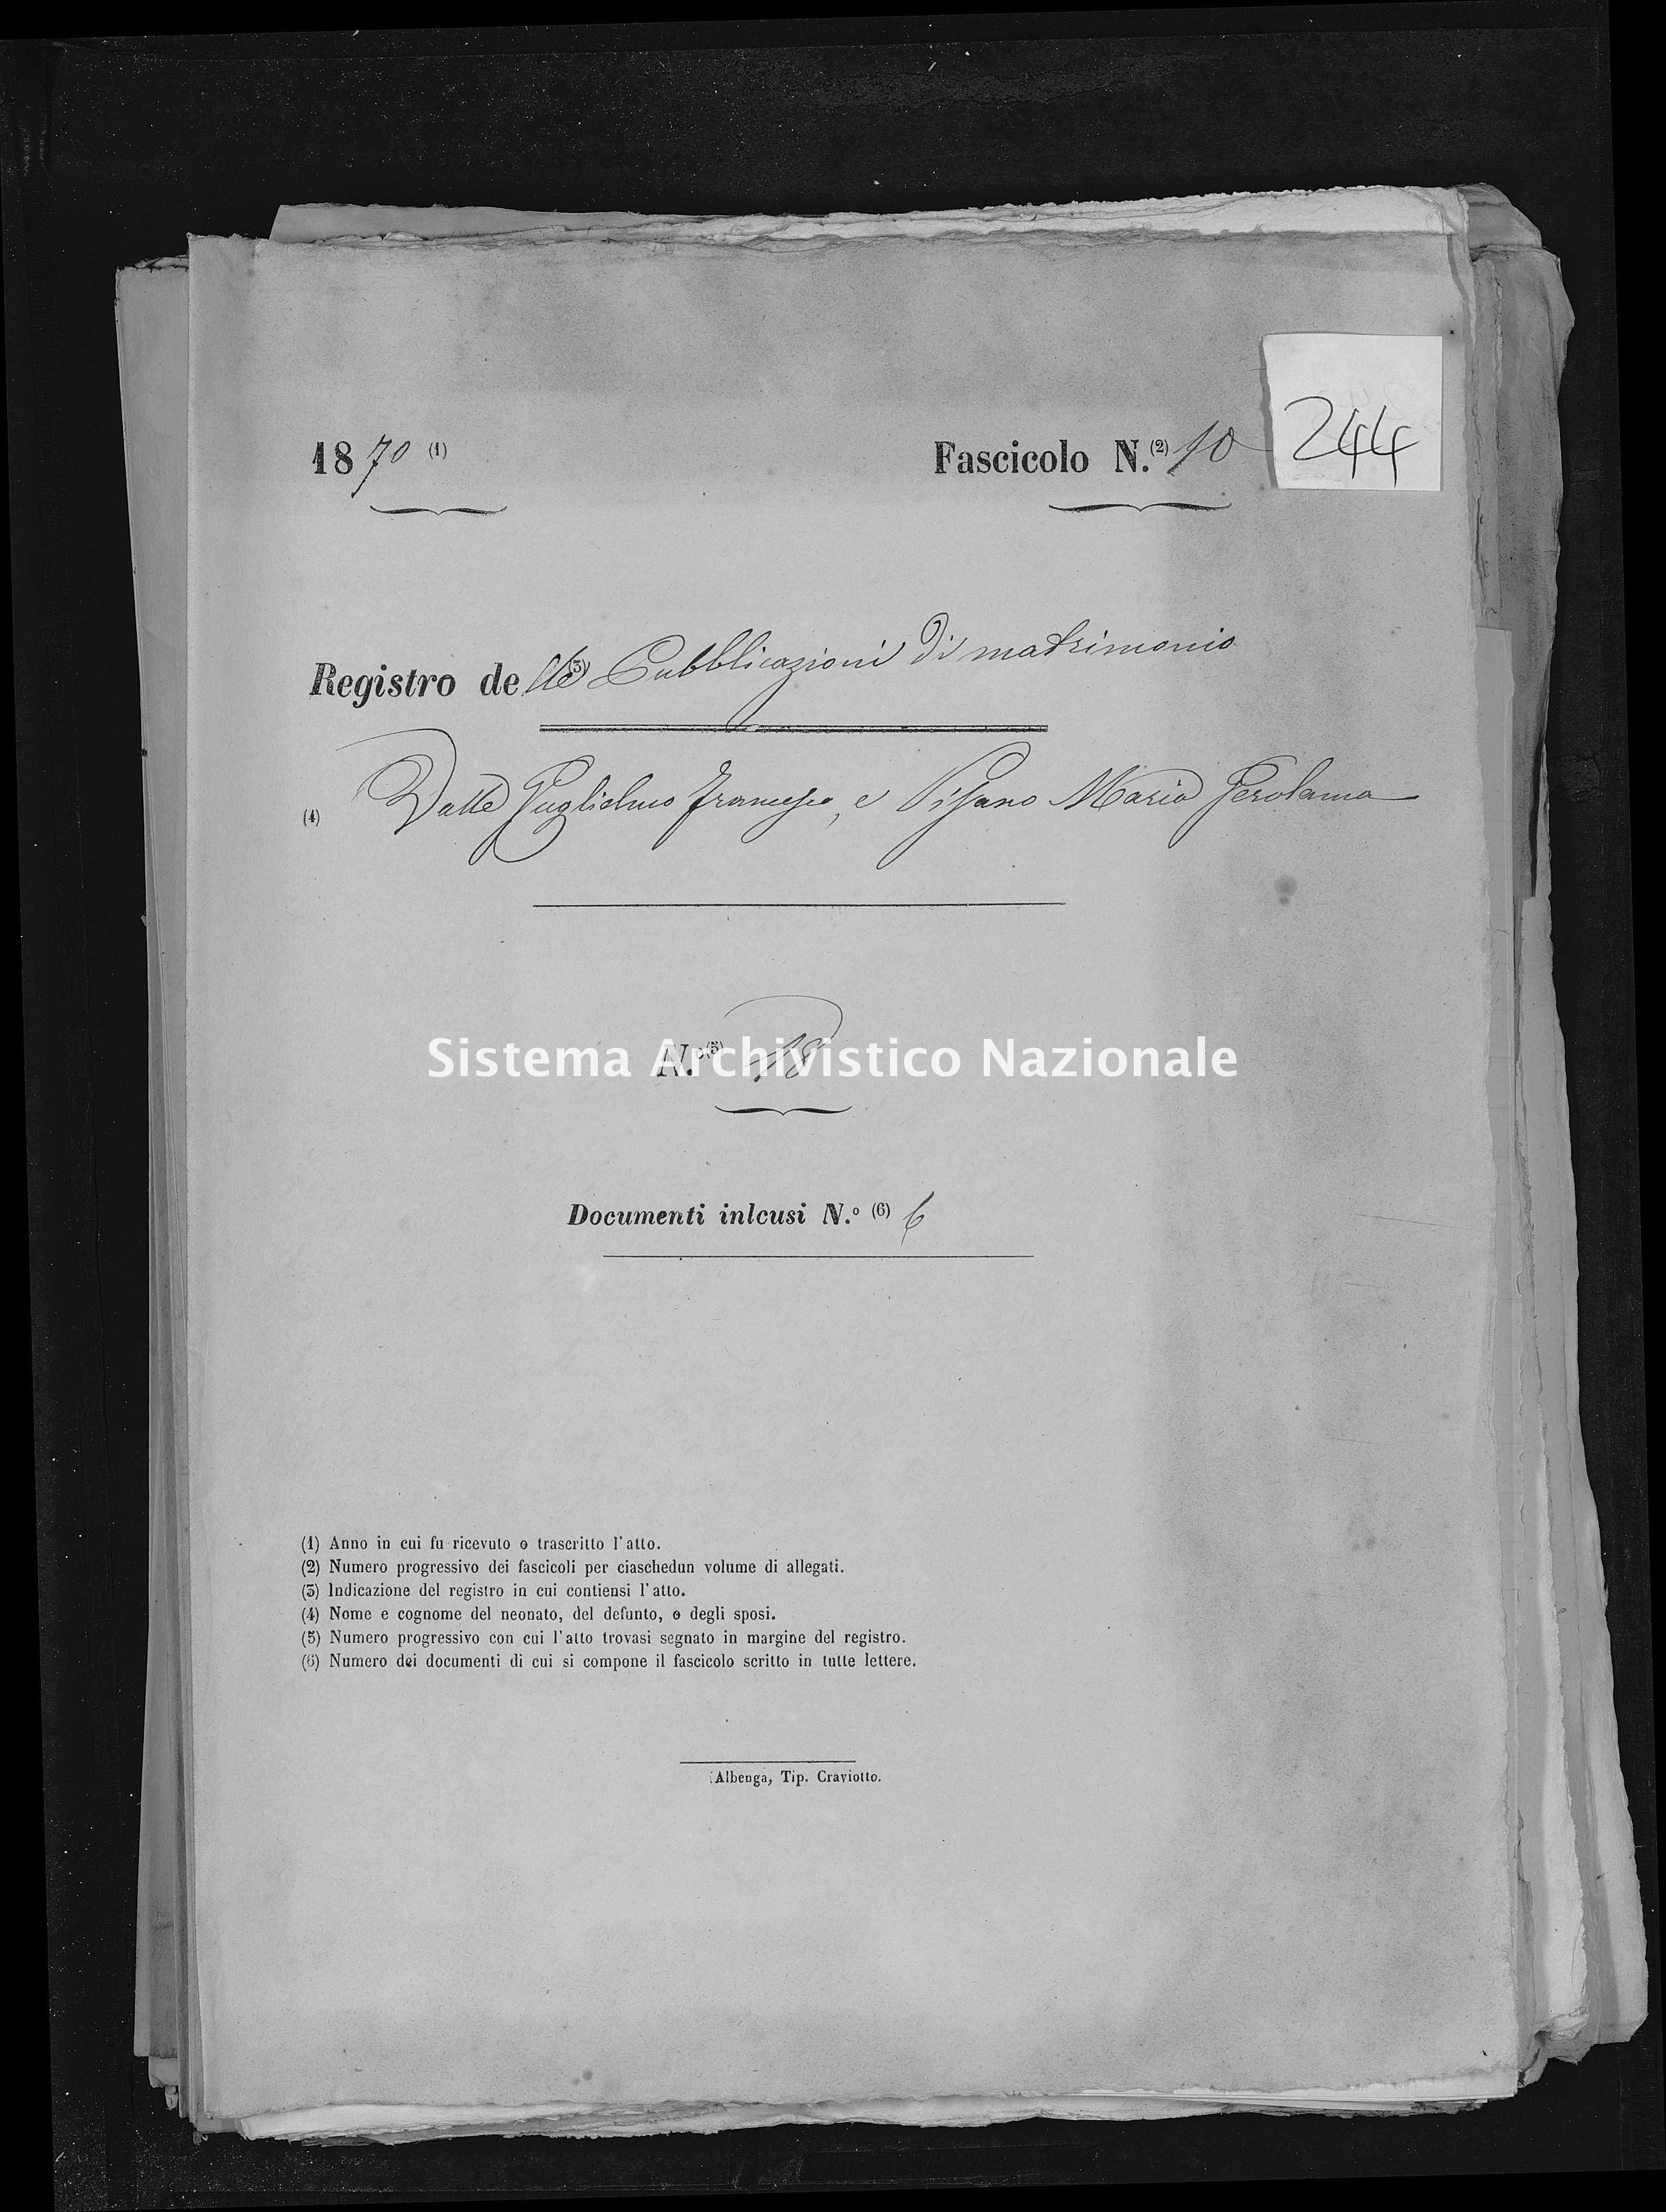 Archivio di stato di Savona - Stato civile - Savona-(Provincia) - Matrimoni, pubblicazioni allegati - 1870 - 244 -